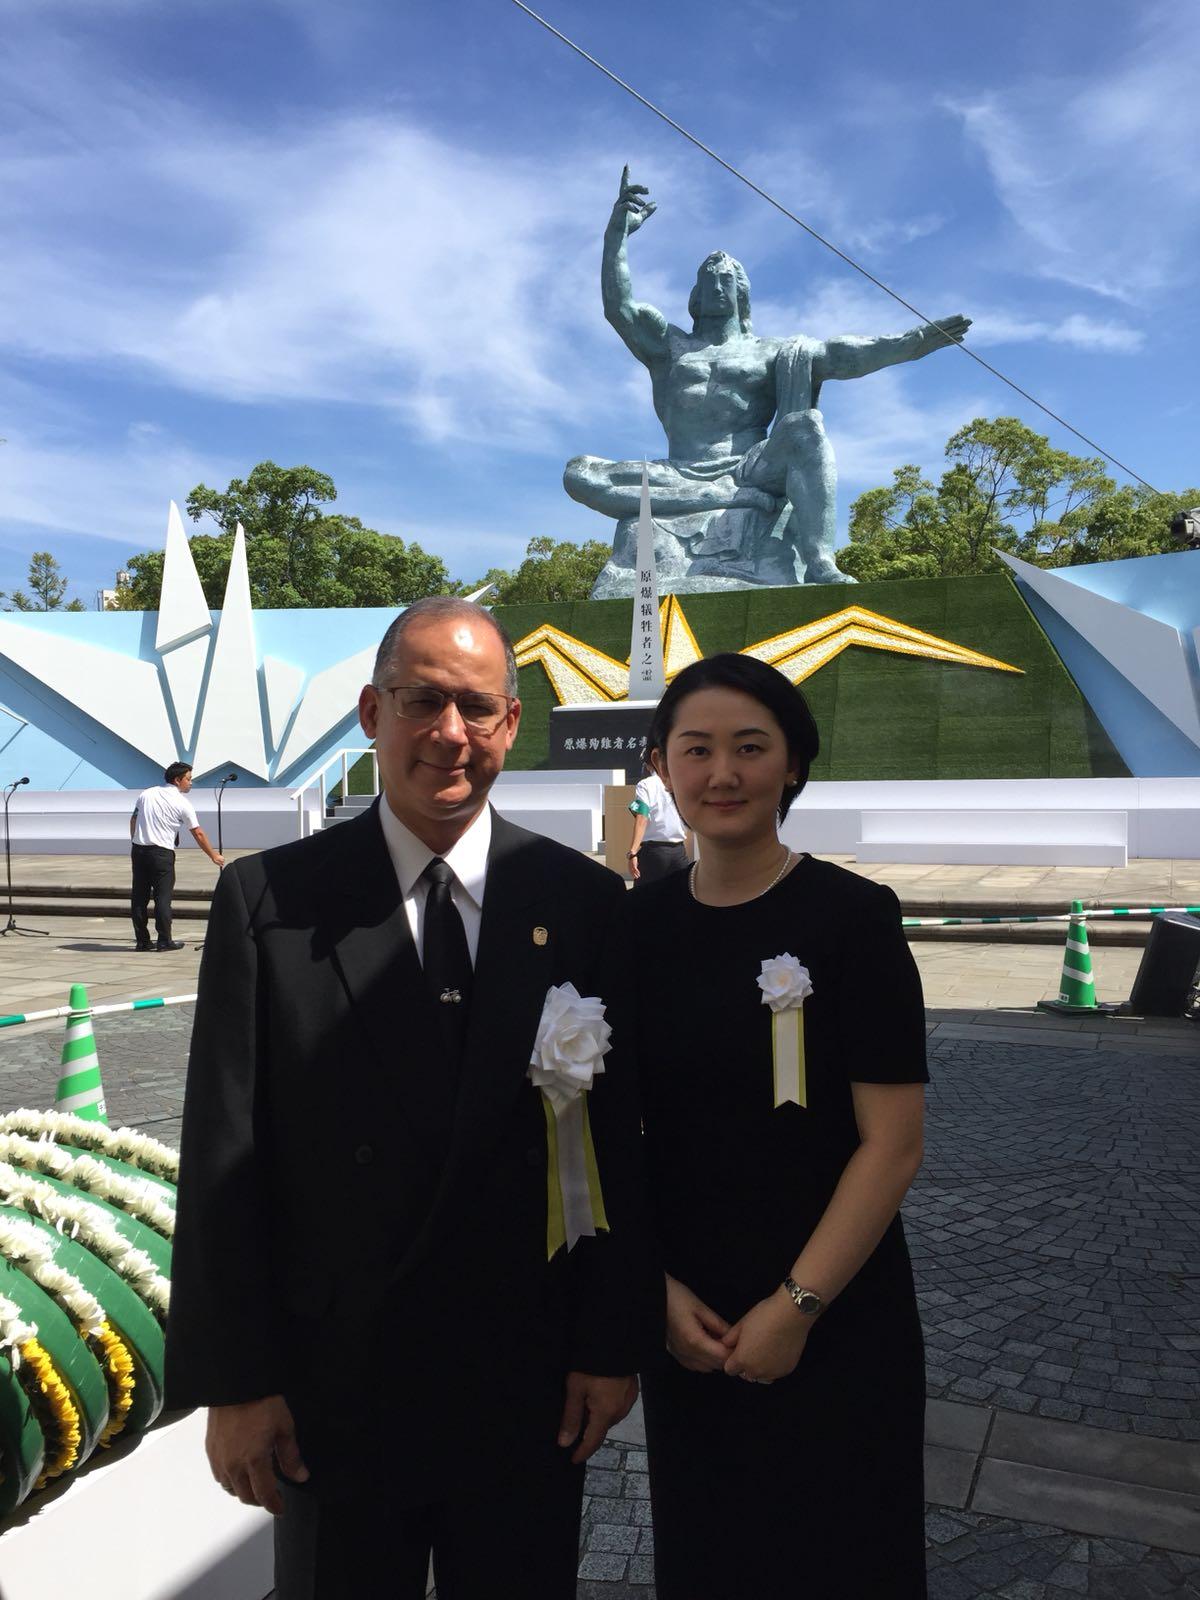 ディアス大使と畑田ディアス紋奈夫人。平和記念式典に参列後、長崎市の平和公園内にて